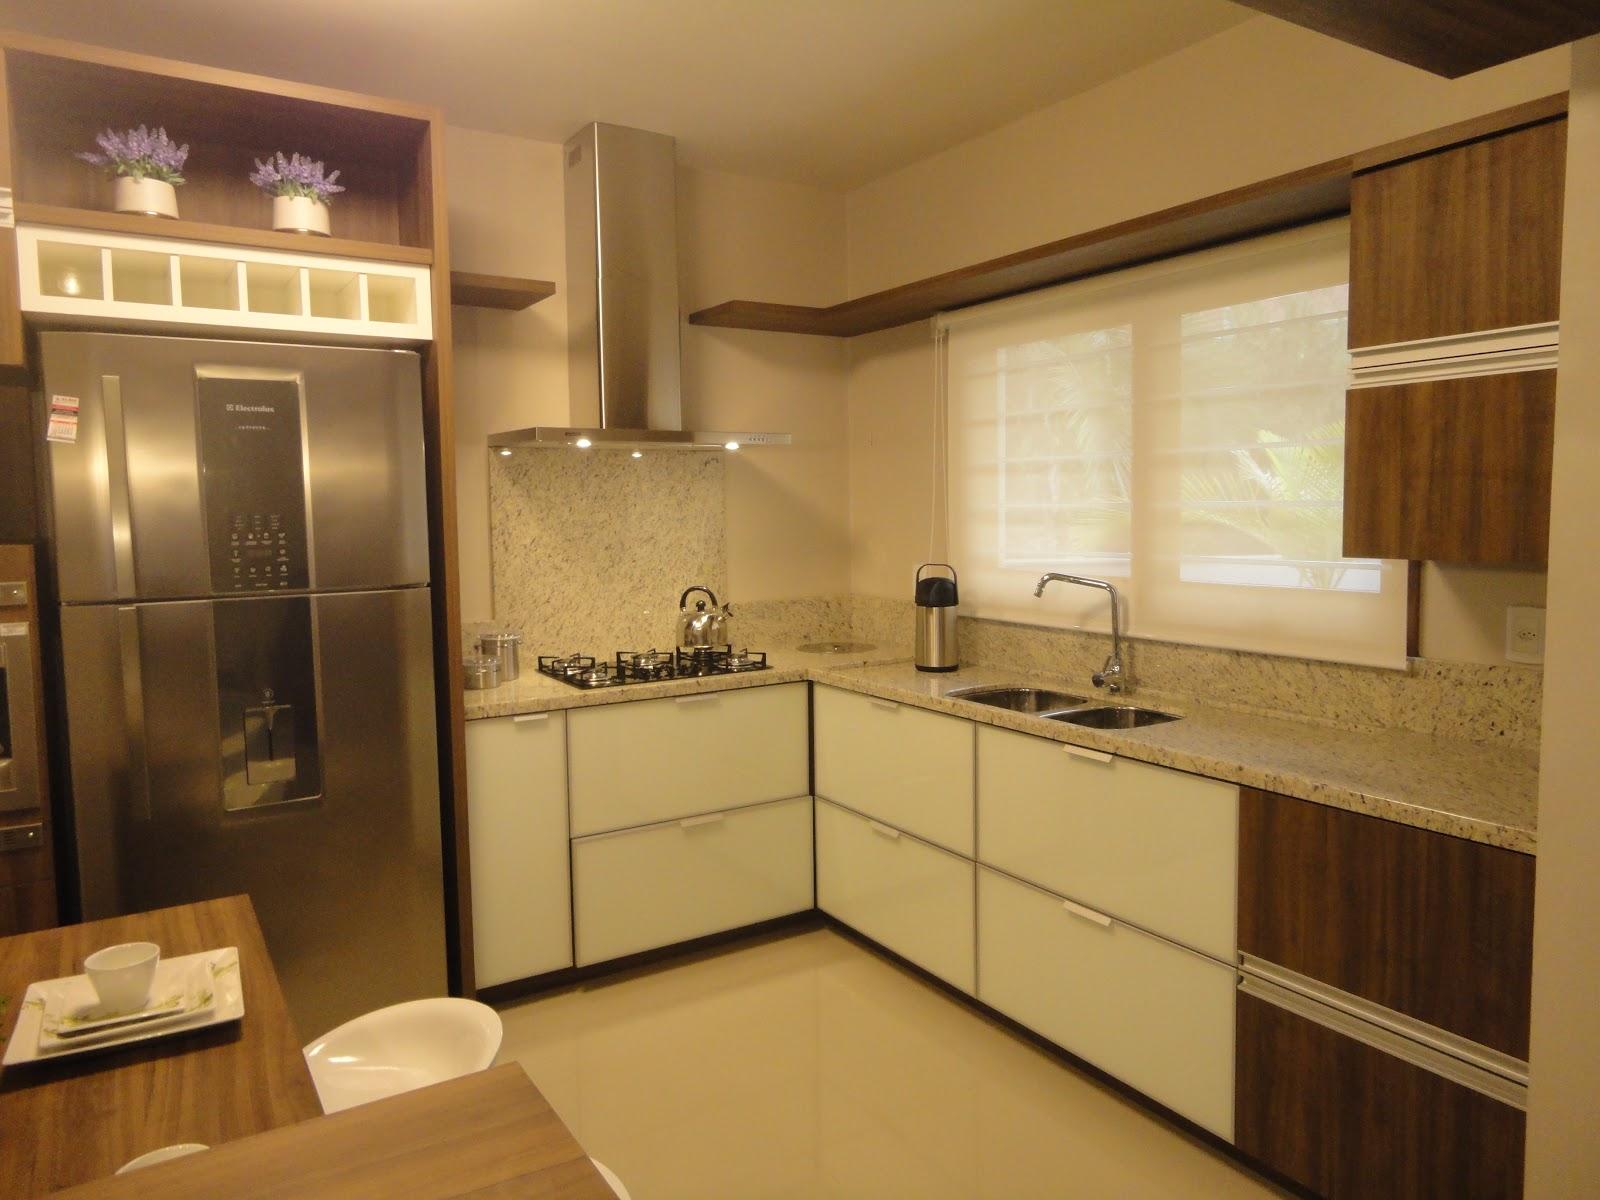 feito por arquiteto: arquitetura de interiores projeto de cozinha #694520 1600 1200